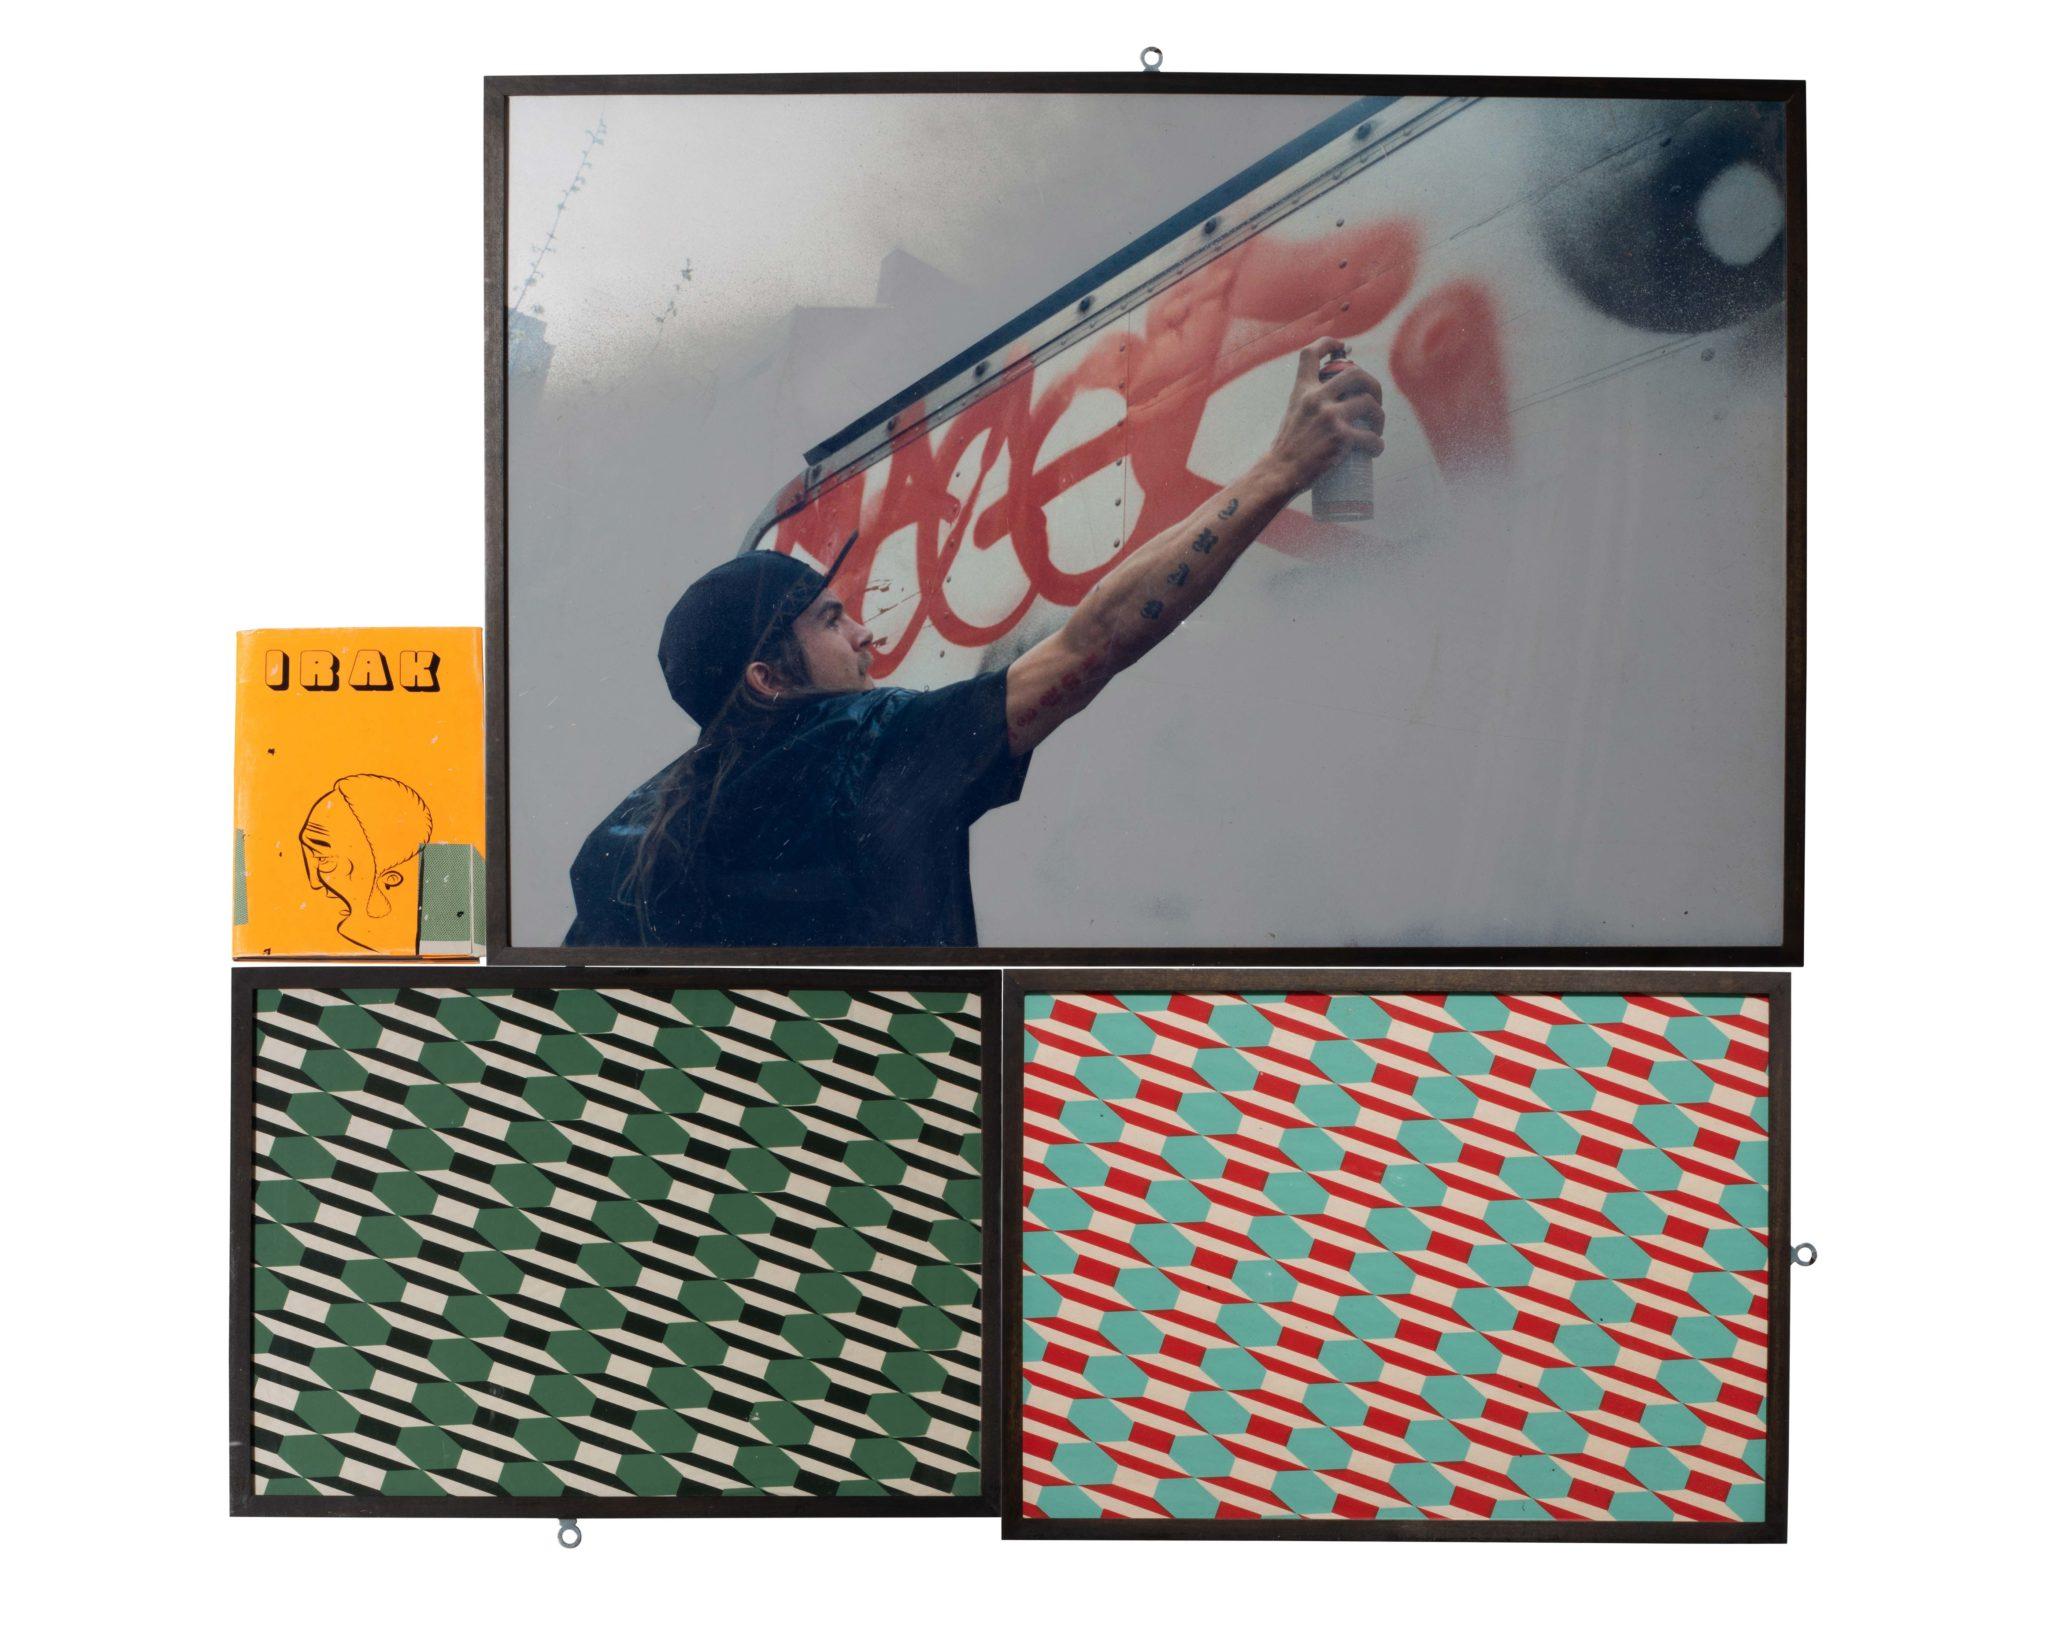 Barry McGEE, Sans titre (Dash Show), 2012, Acrylique ©Artcurial